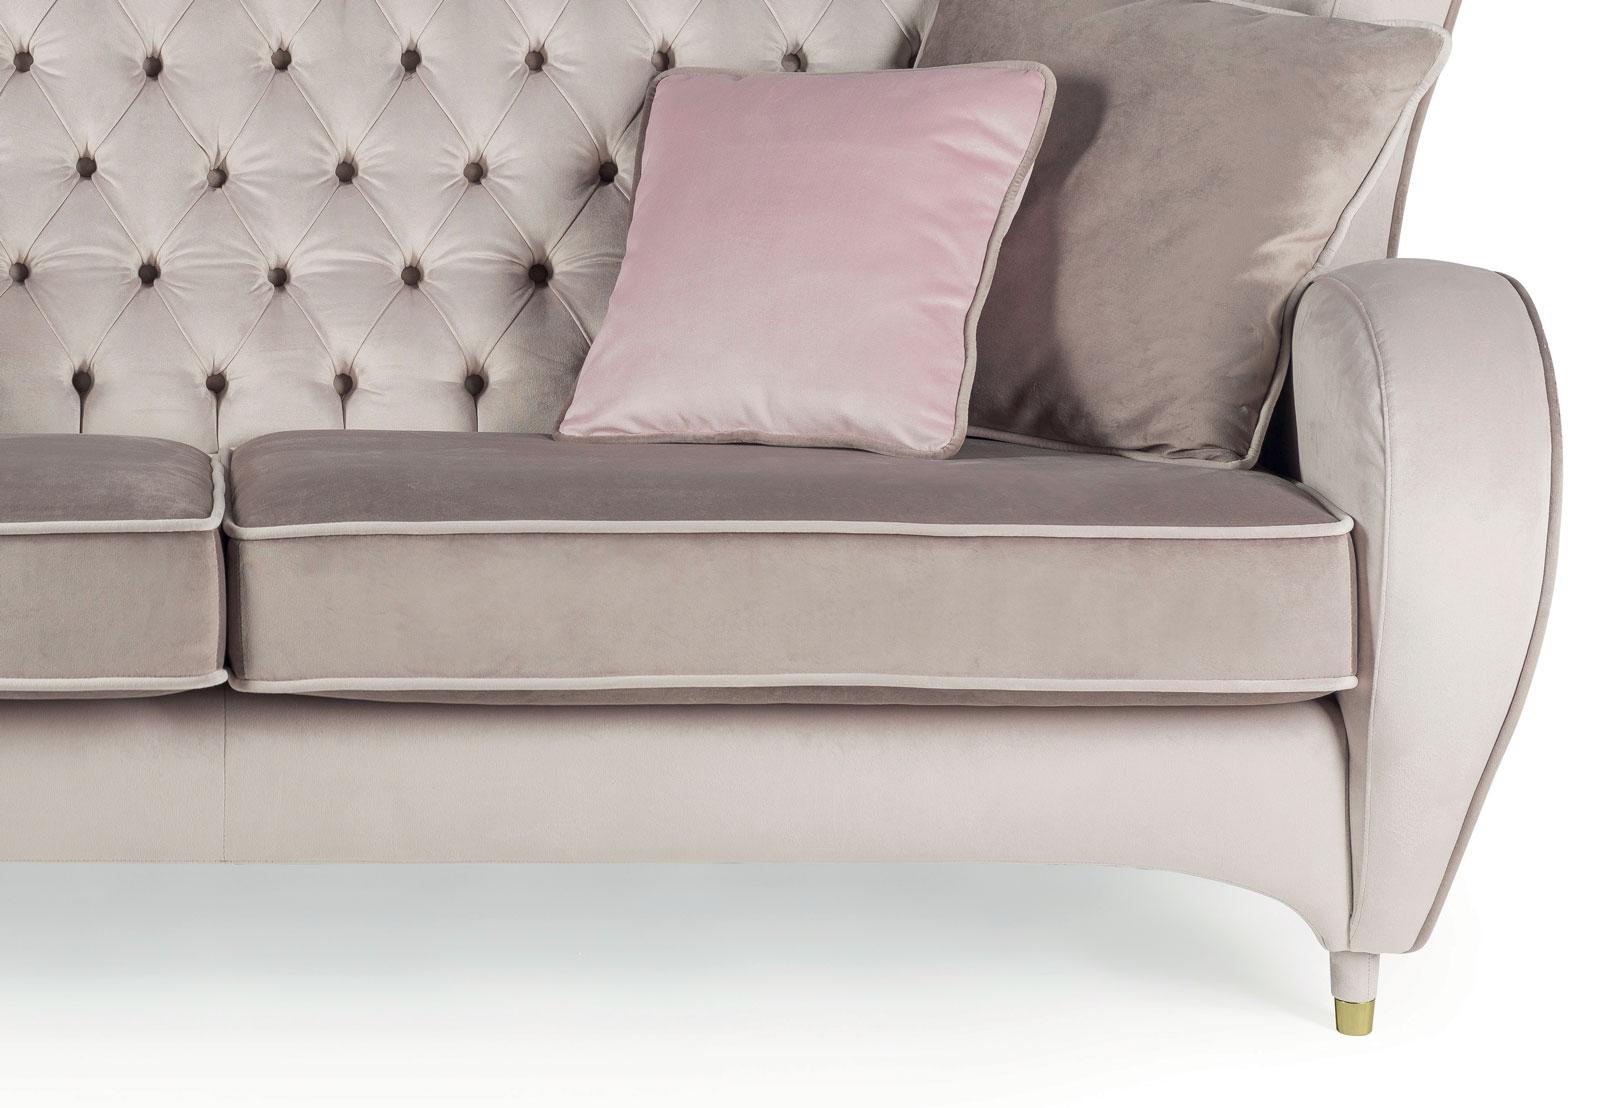 Divani In Pelle E Tessuto : Rivestimenti per divani e poltrone pro e contro di tessuto